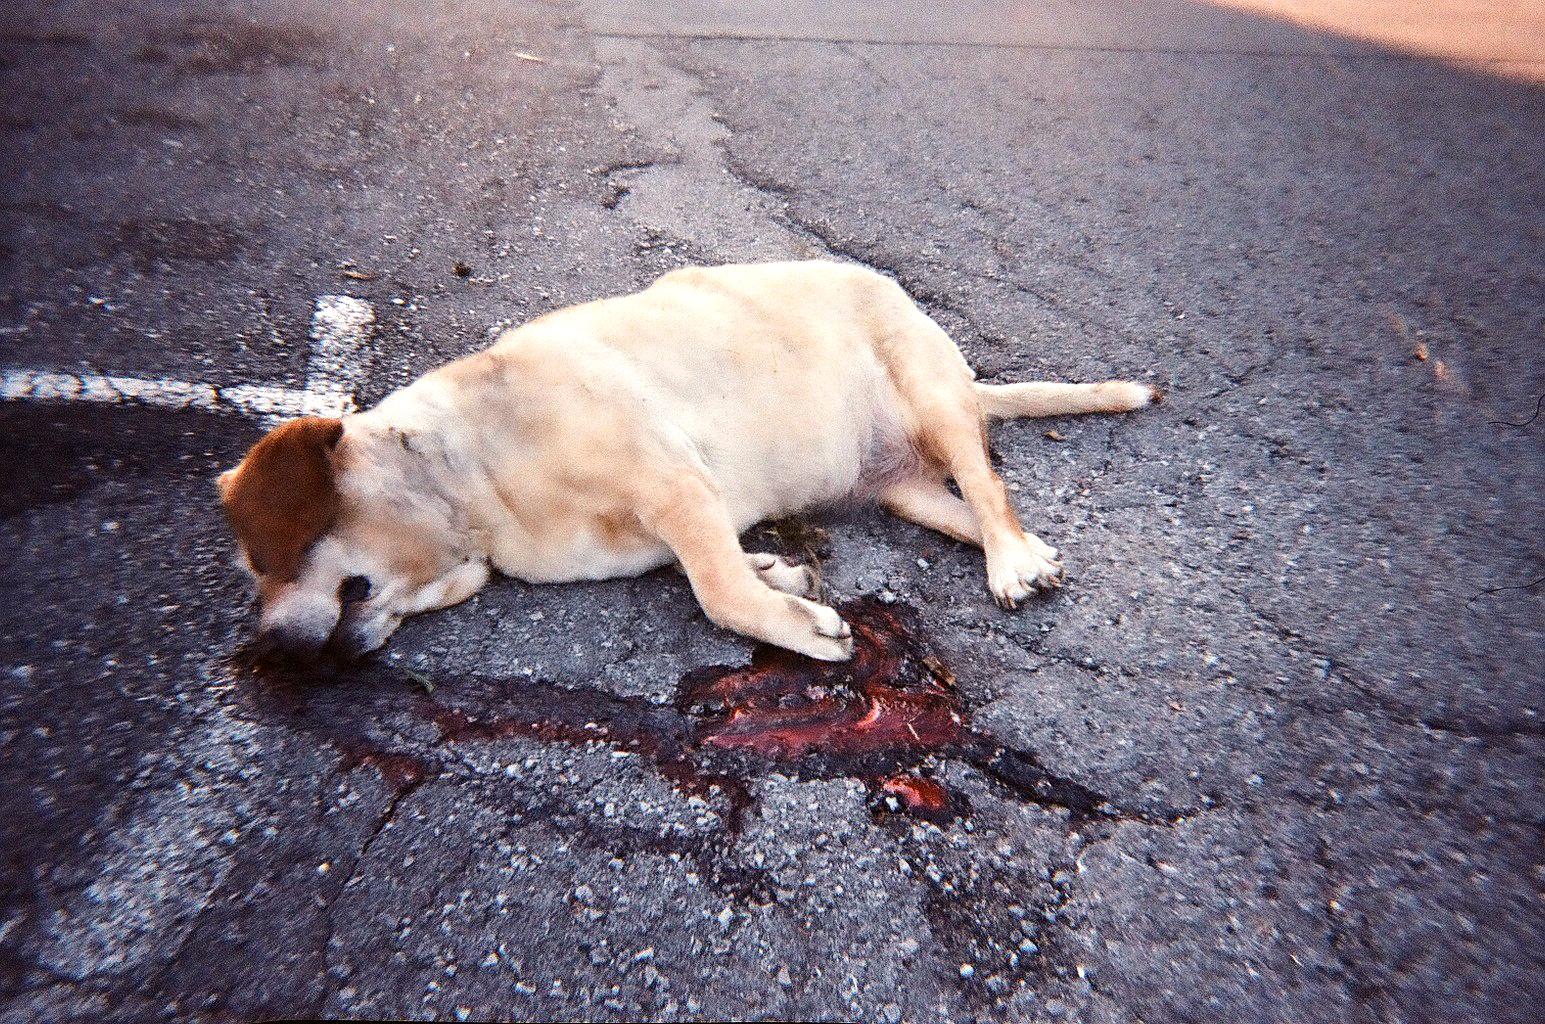 Pes sežral ostrý předmět